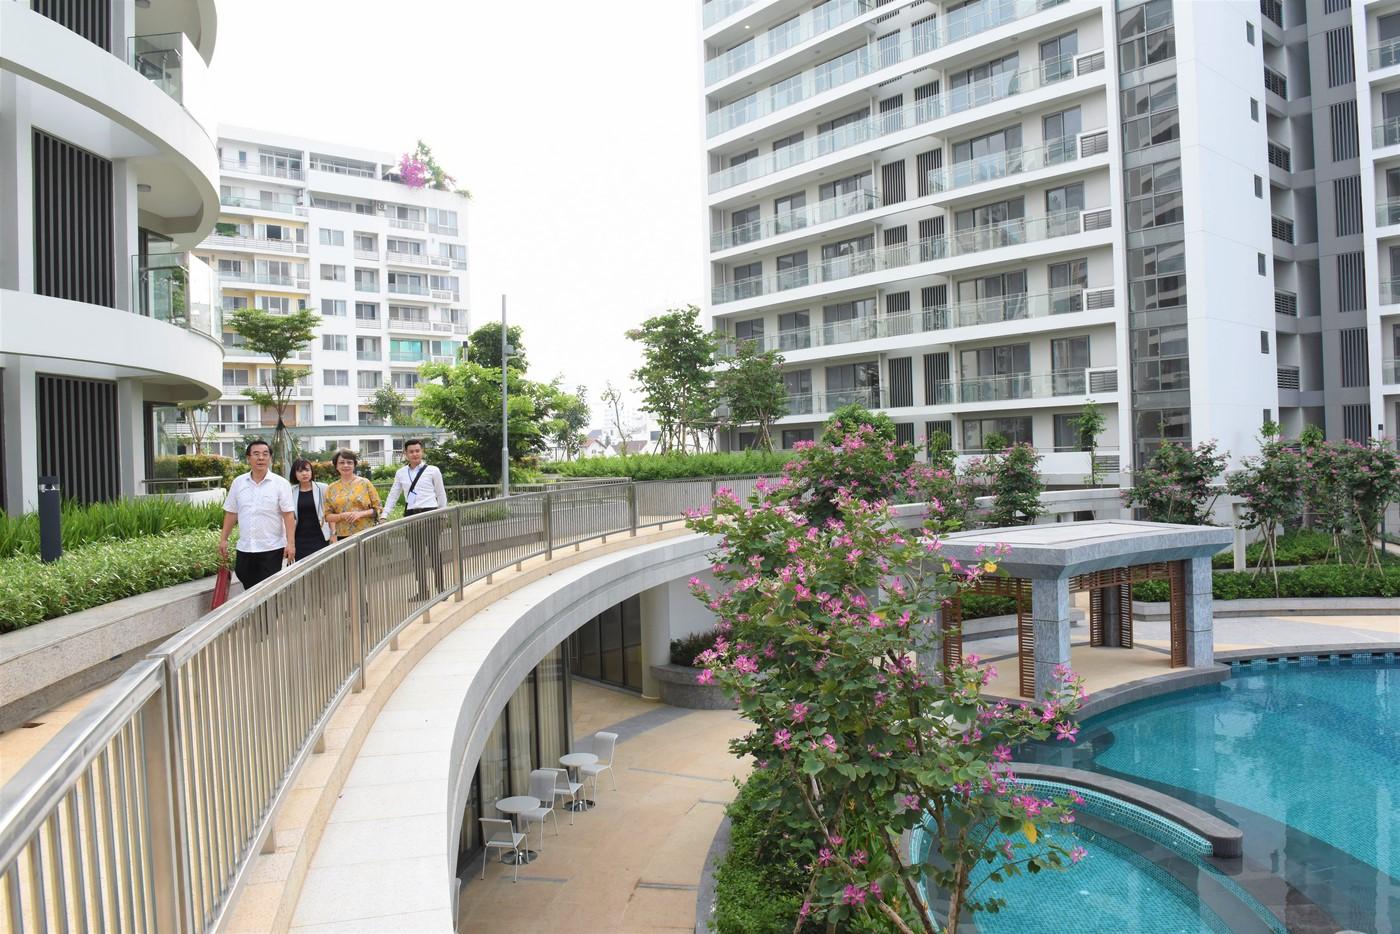 DSC 7756 Copy - Nhận nhà mới - đón năm mới cùng cư dân Riverpark Premier